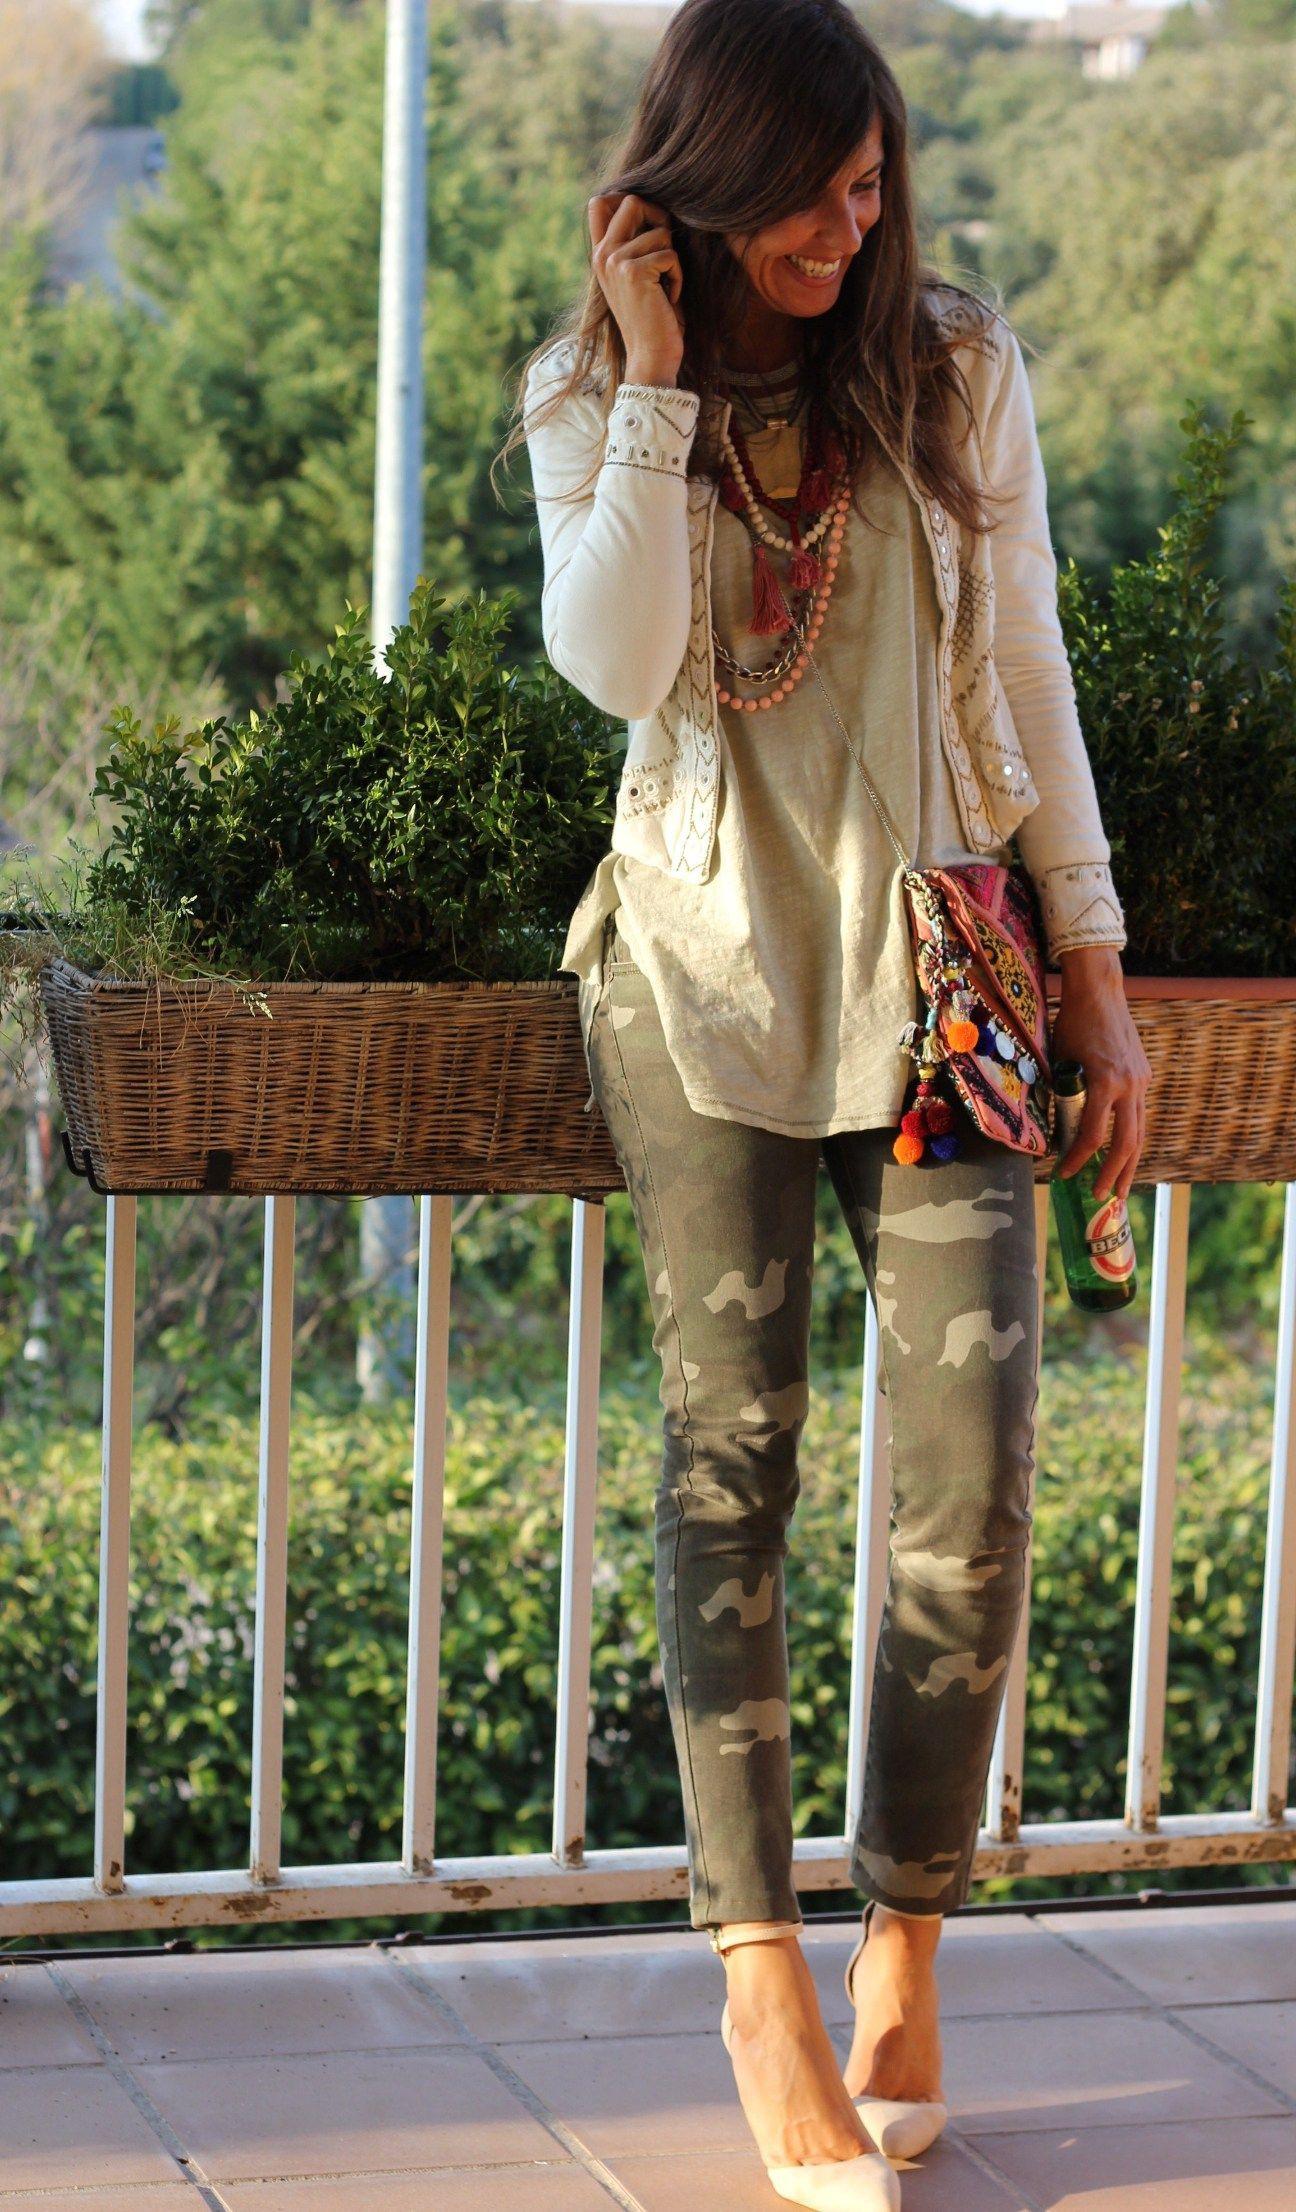 Colour ideas outfit ropa camuflaje, military camouflage, fashion accessory, street fashion, casu ...